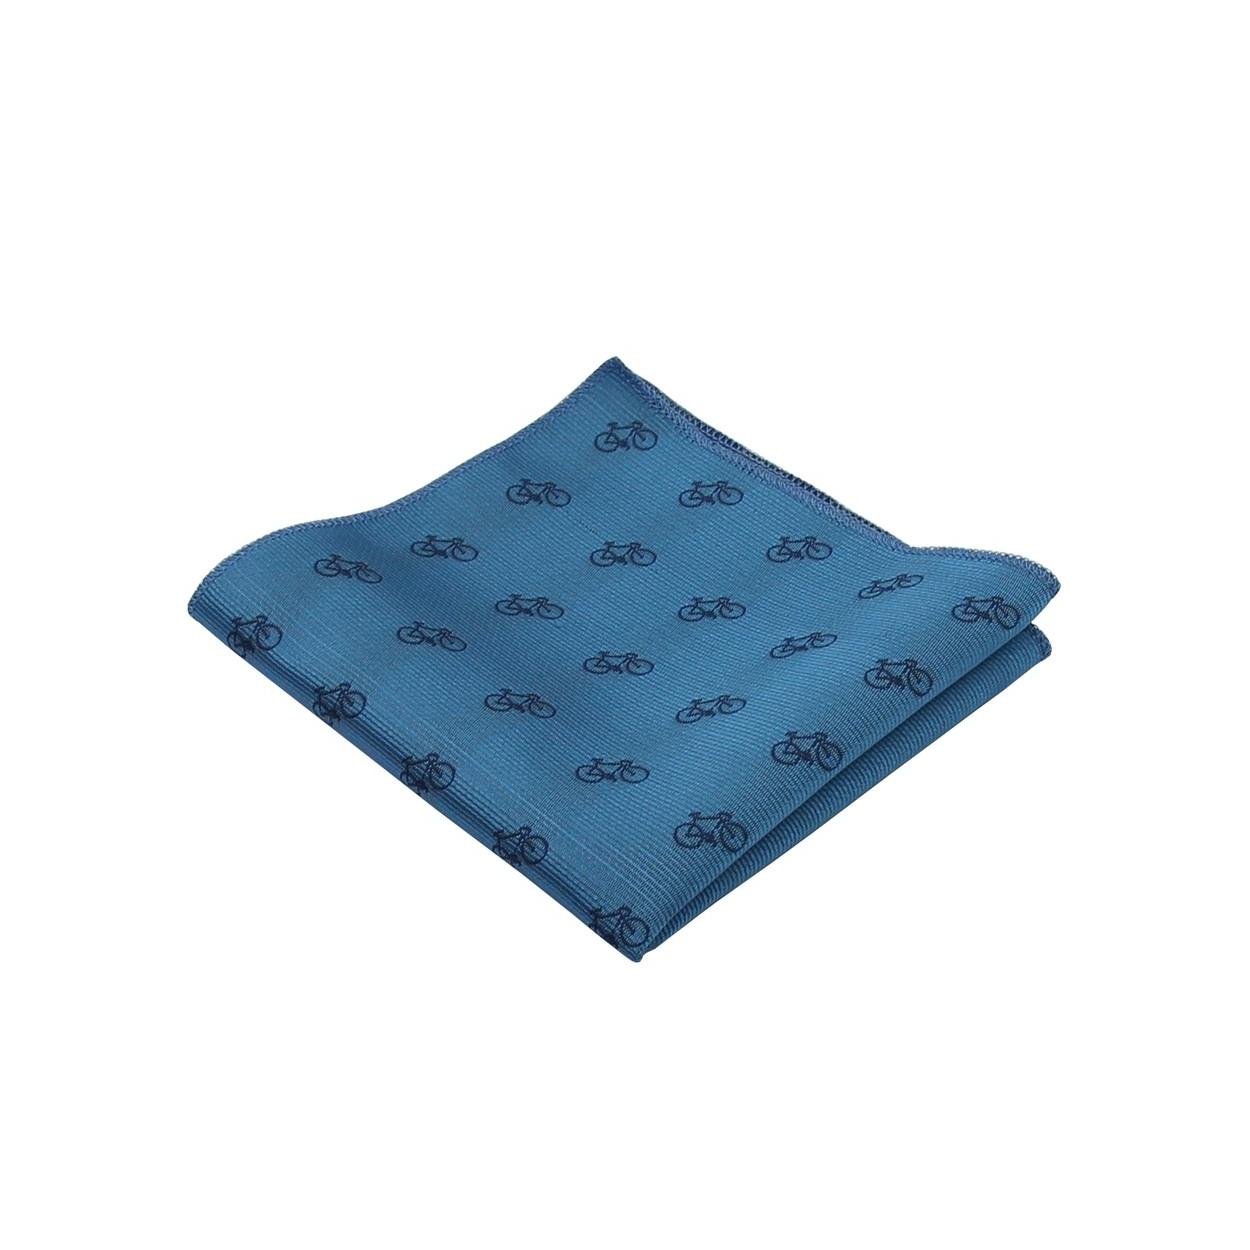 Modrý pánský kapesníček do saka KOLO